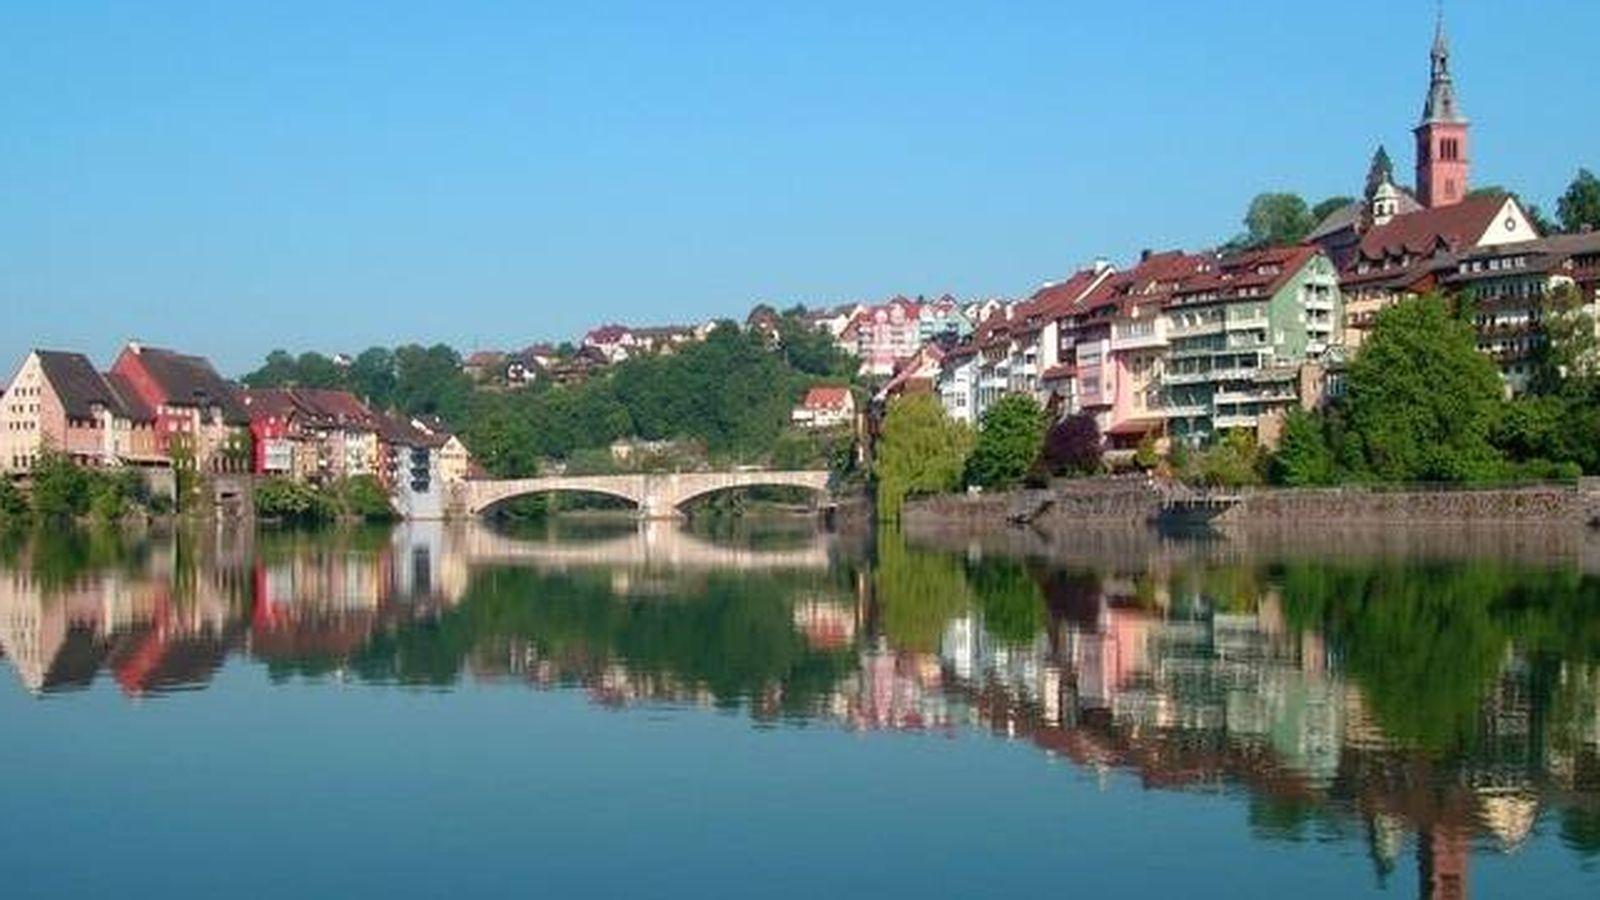 Foto: La ciudad de Laufenburg, en Suiza